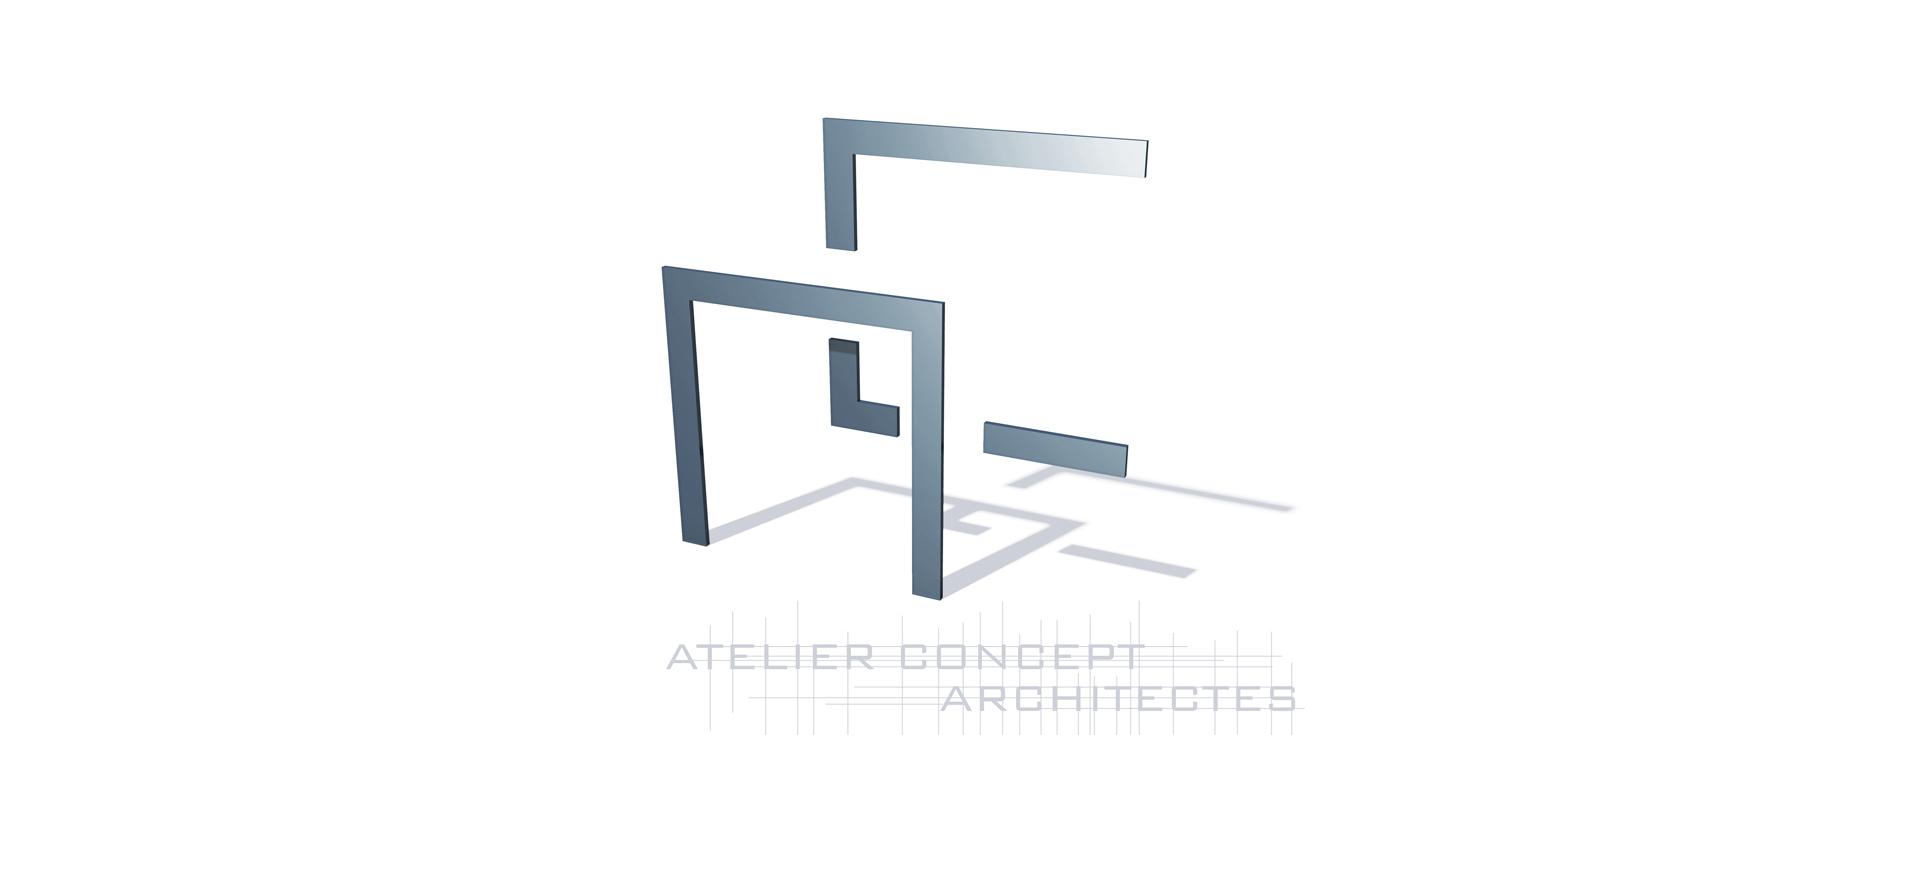 Atelier Concept Architectes